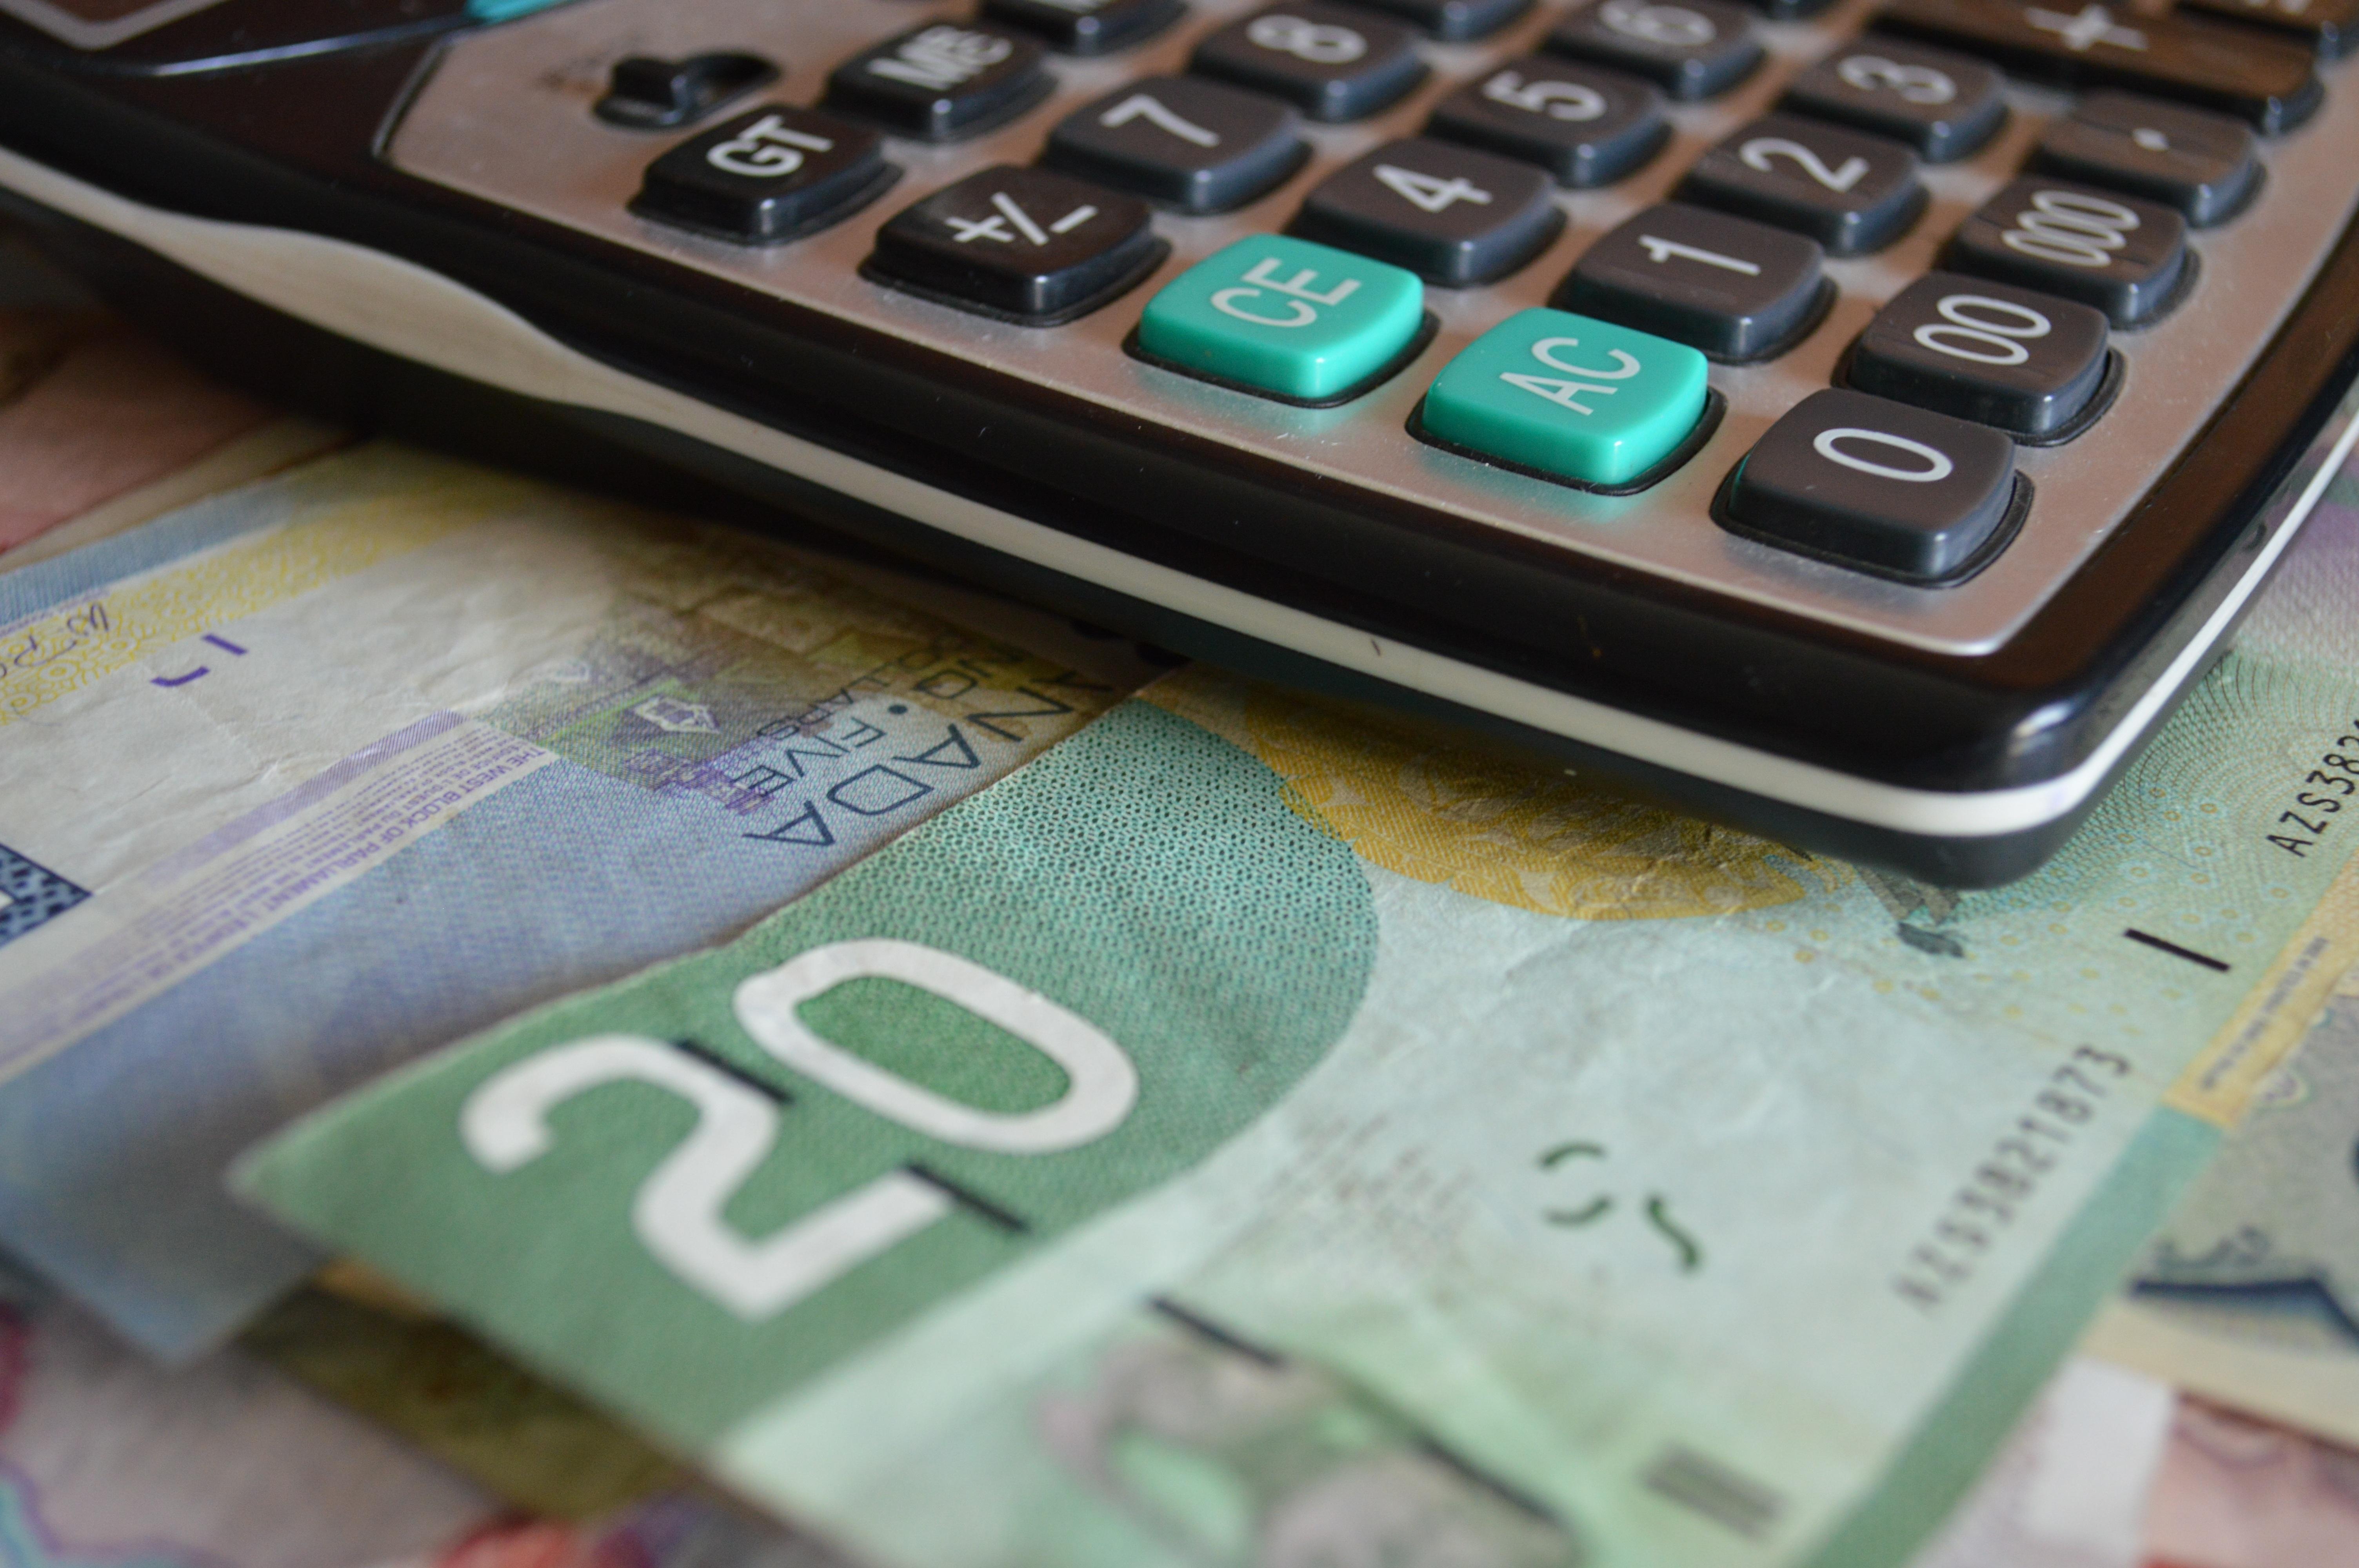 Auto Finance Calculator >> Images Gratuites : équilibre, argent, Entreprise, en espèces, devise, plan, bancaire, finances ...